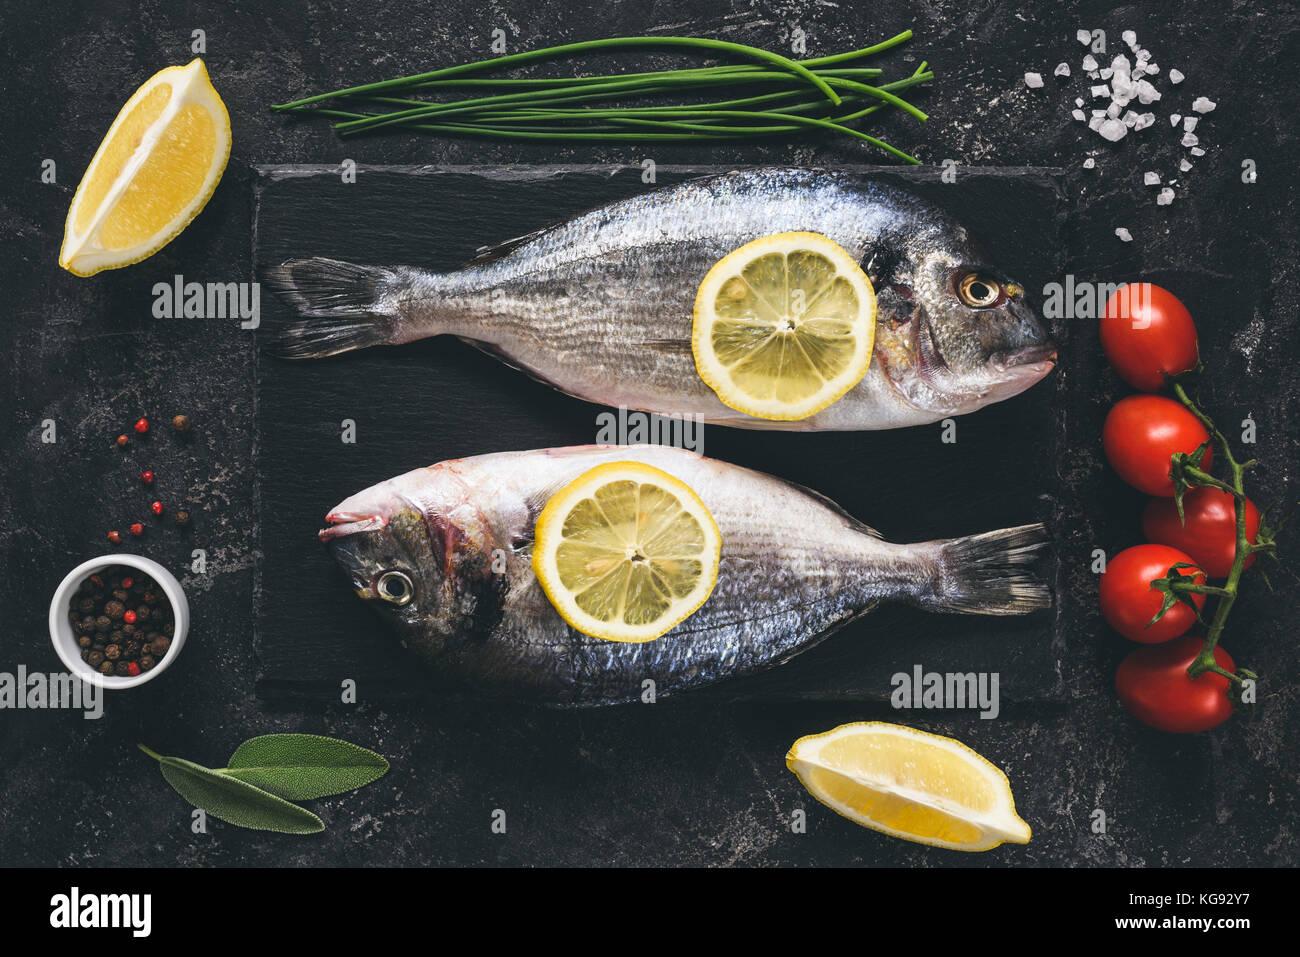 Des fruits de mer, poissons ou de faisceau dorado citron, fines herbes, épices et légumes sur fond ardoise Photo Stock